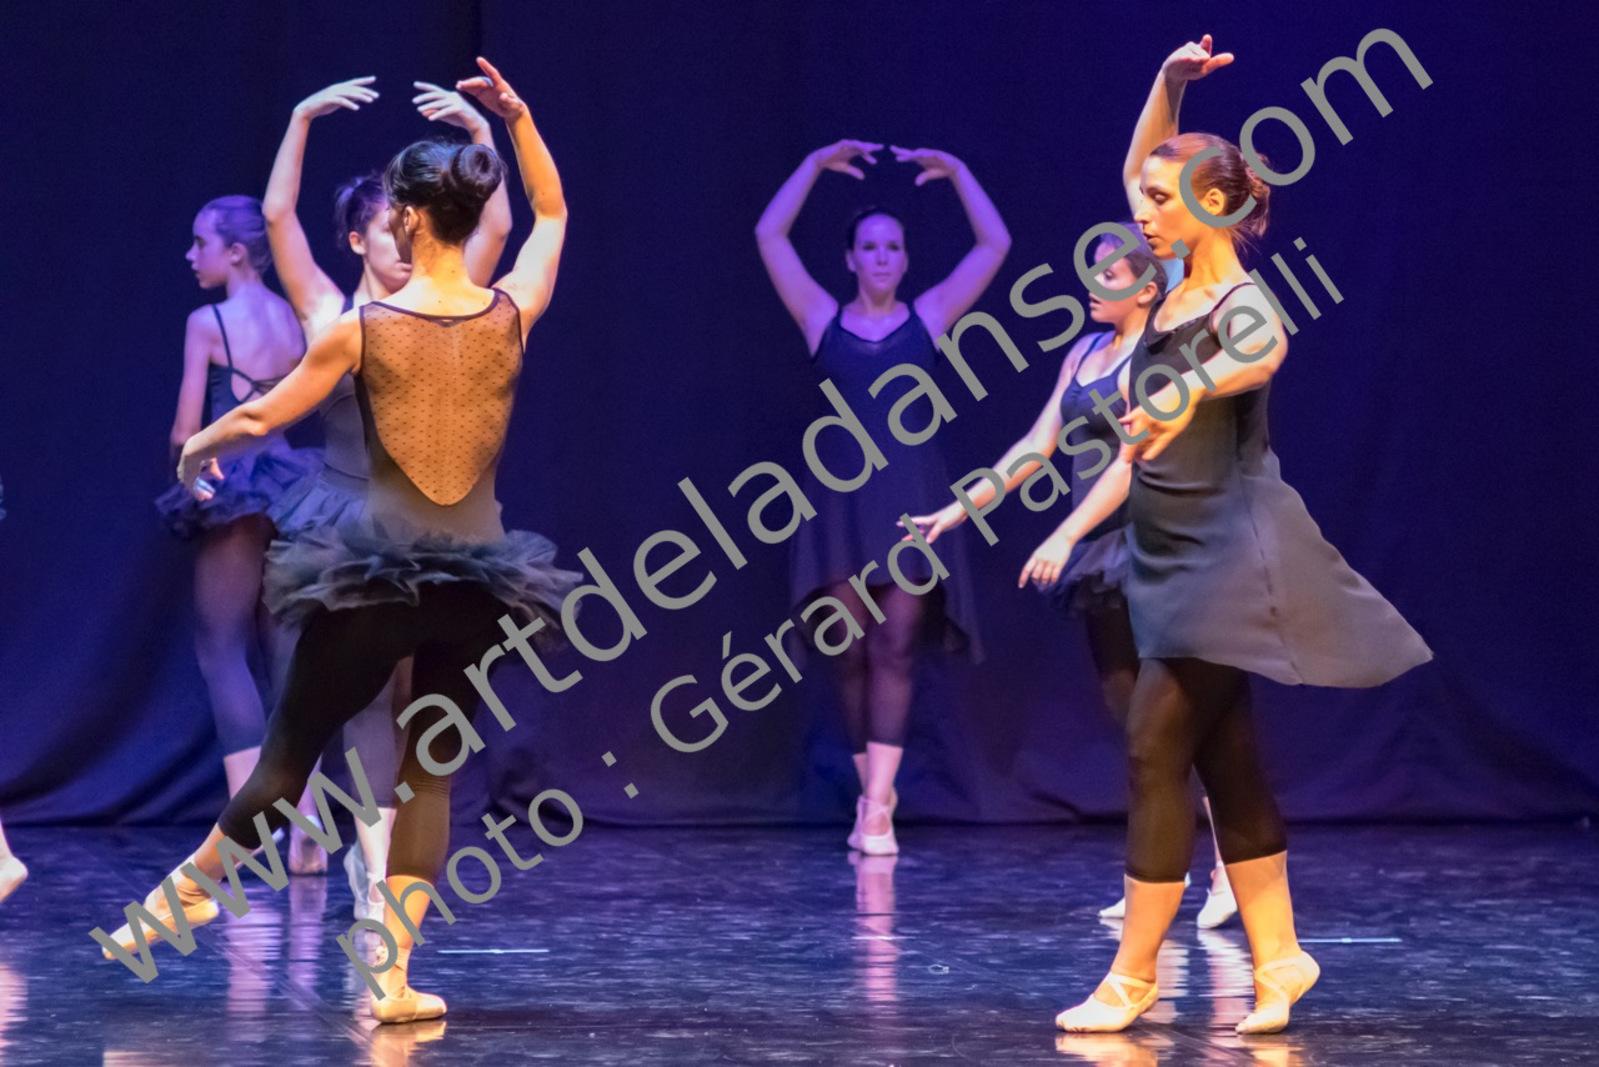 Danse classique cycle 3 et perfectionnement - Art de la danse, Gym et Loisirs